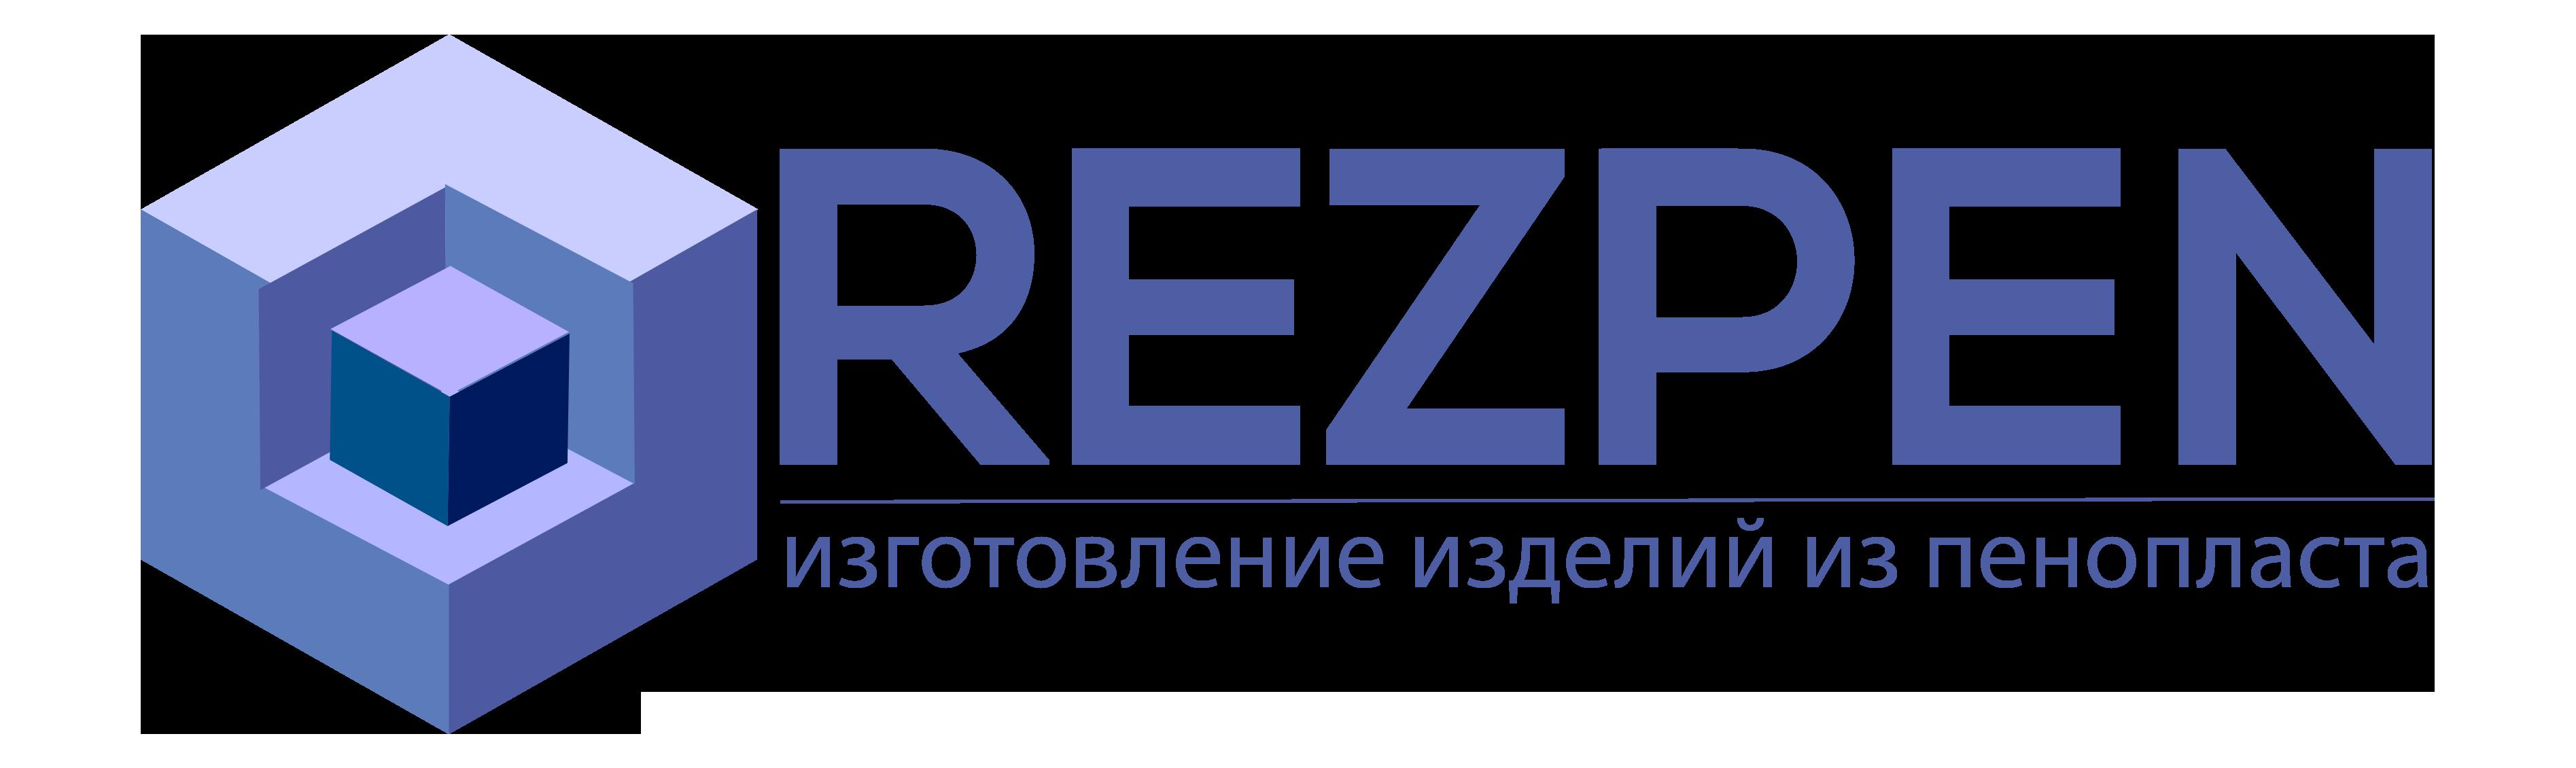 Редизайн логотипа фото f_7205a4ea81d4fa5d.png